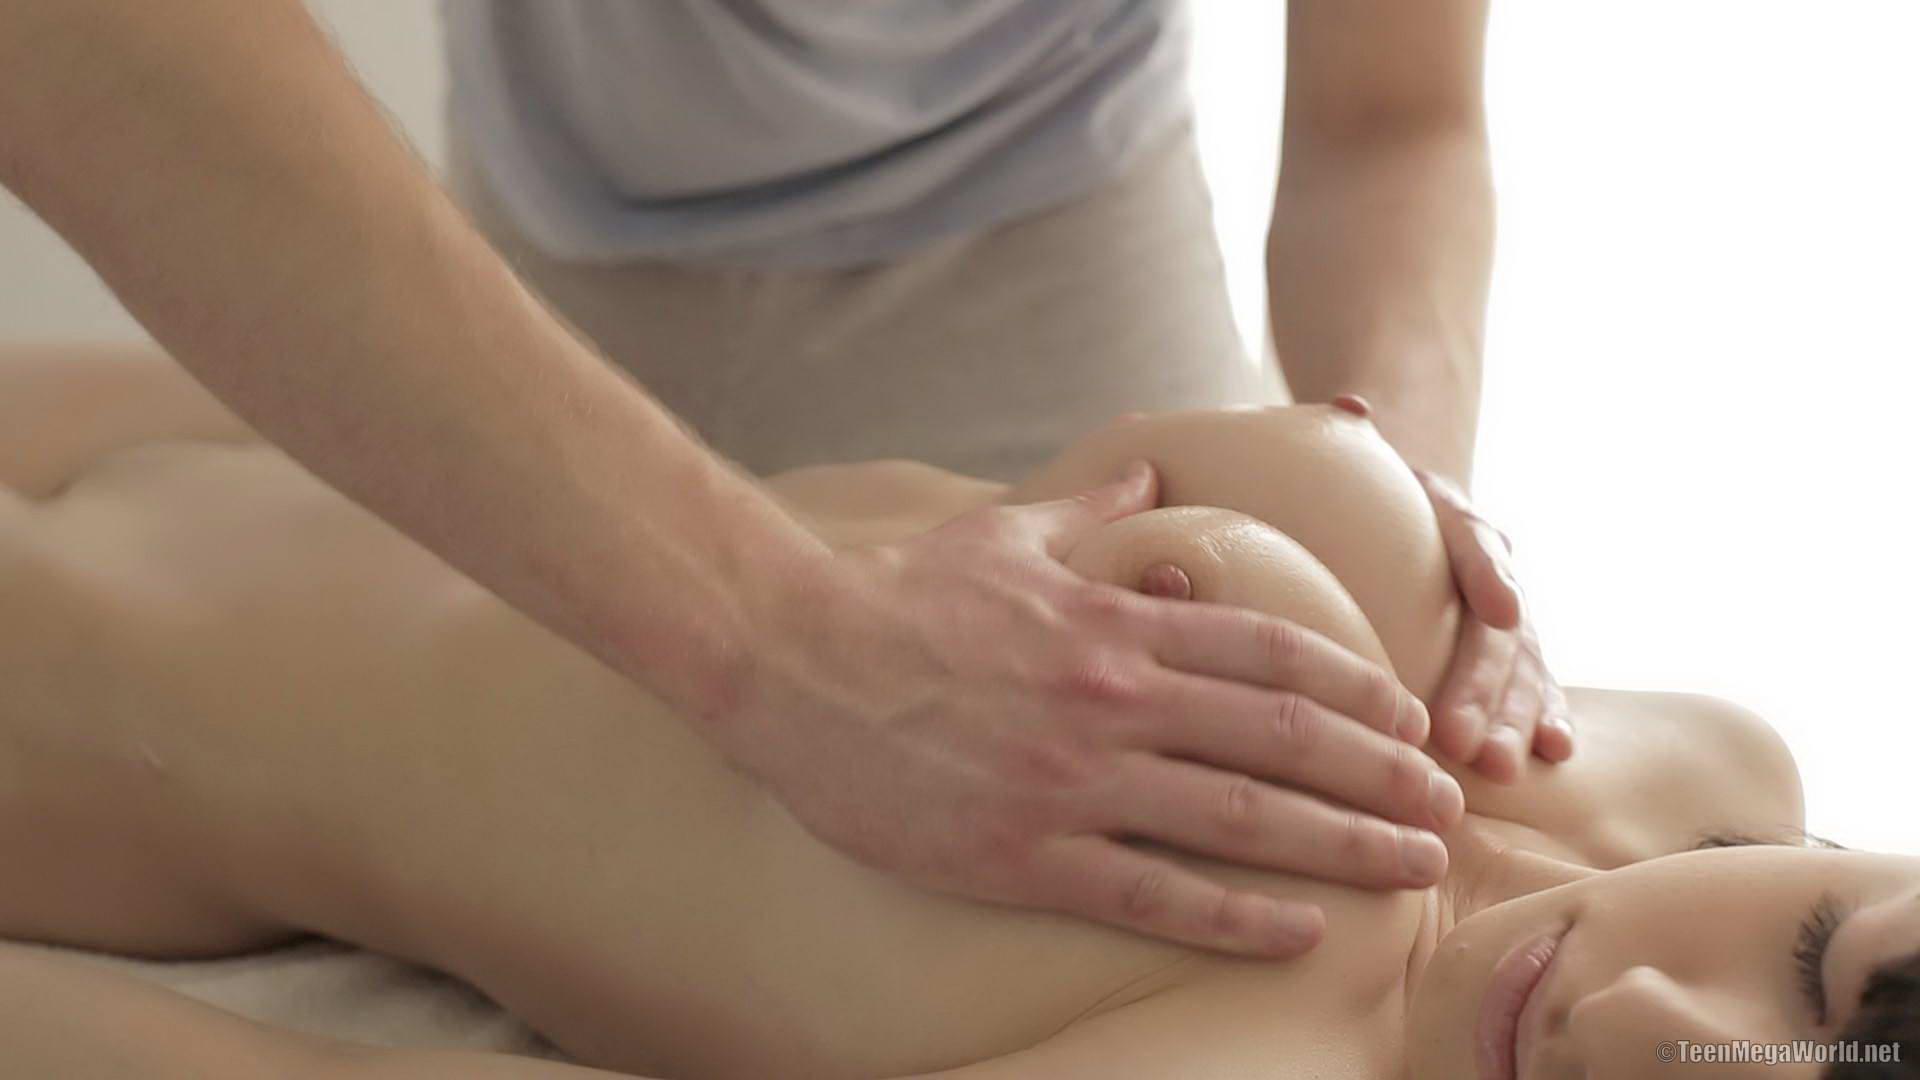 sex stilling tantra massage nice